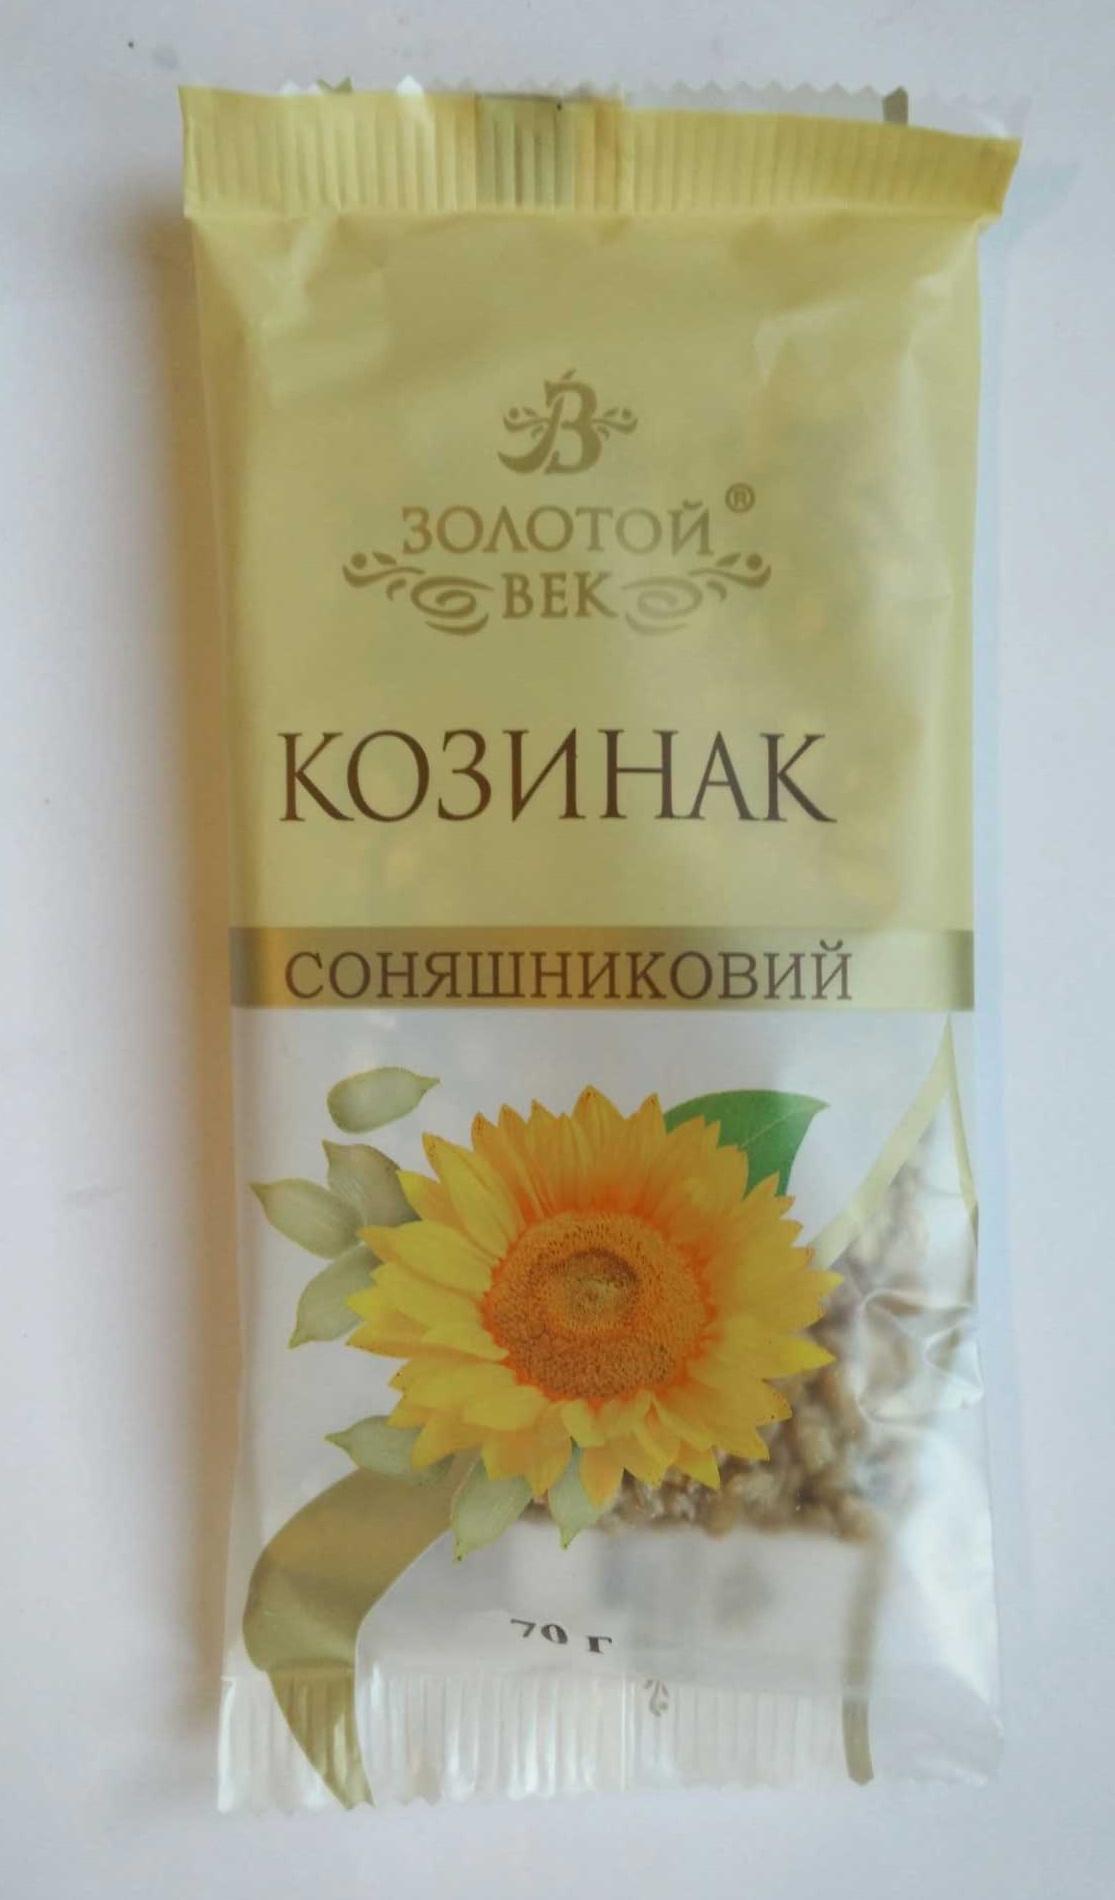 Козинак соняшниковий - Produit